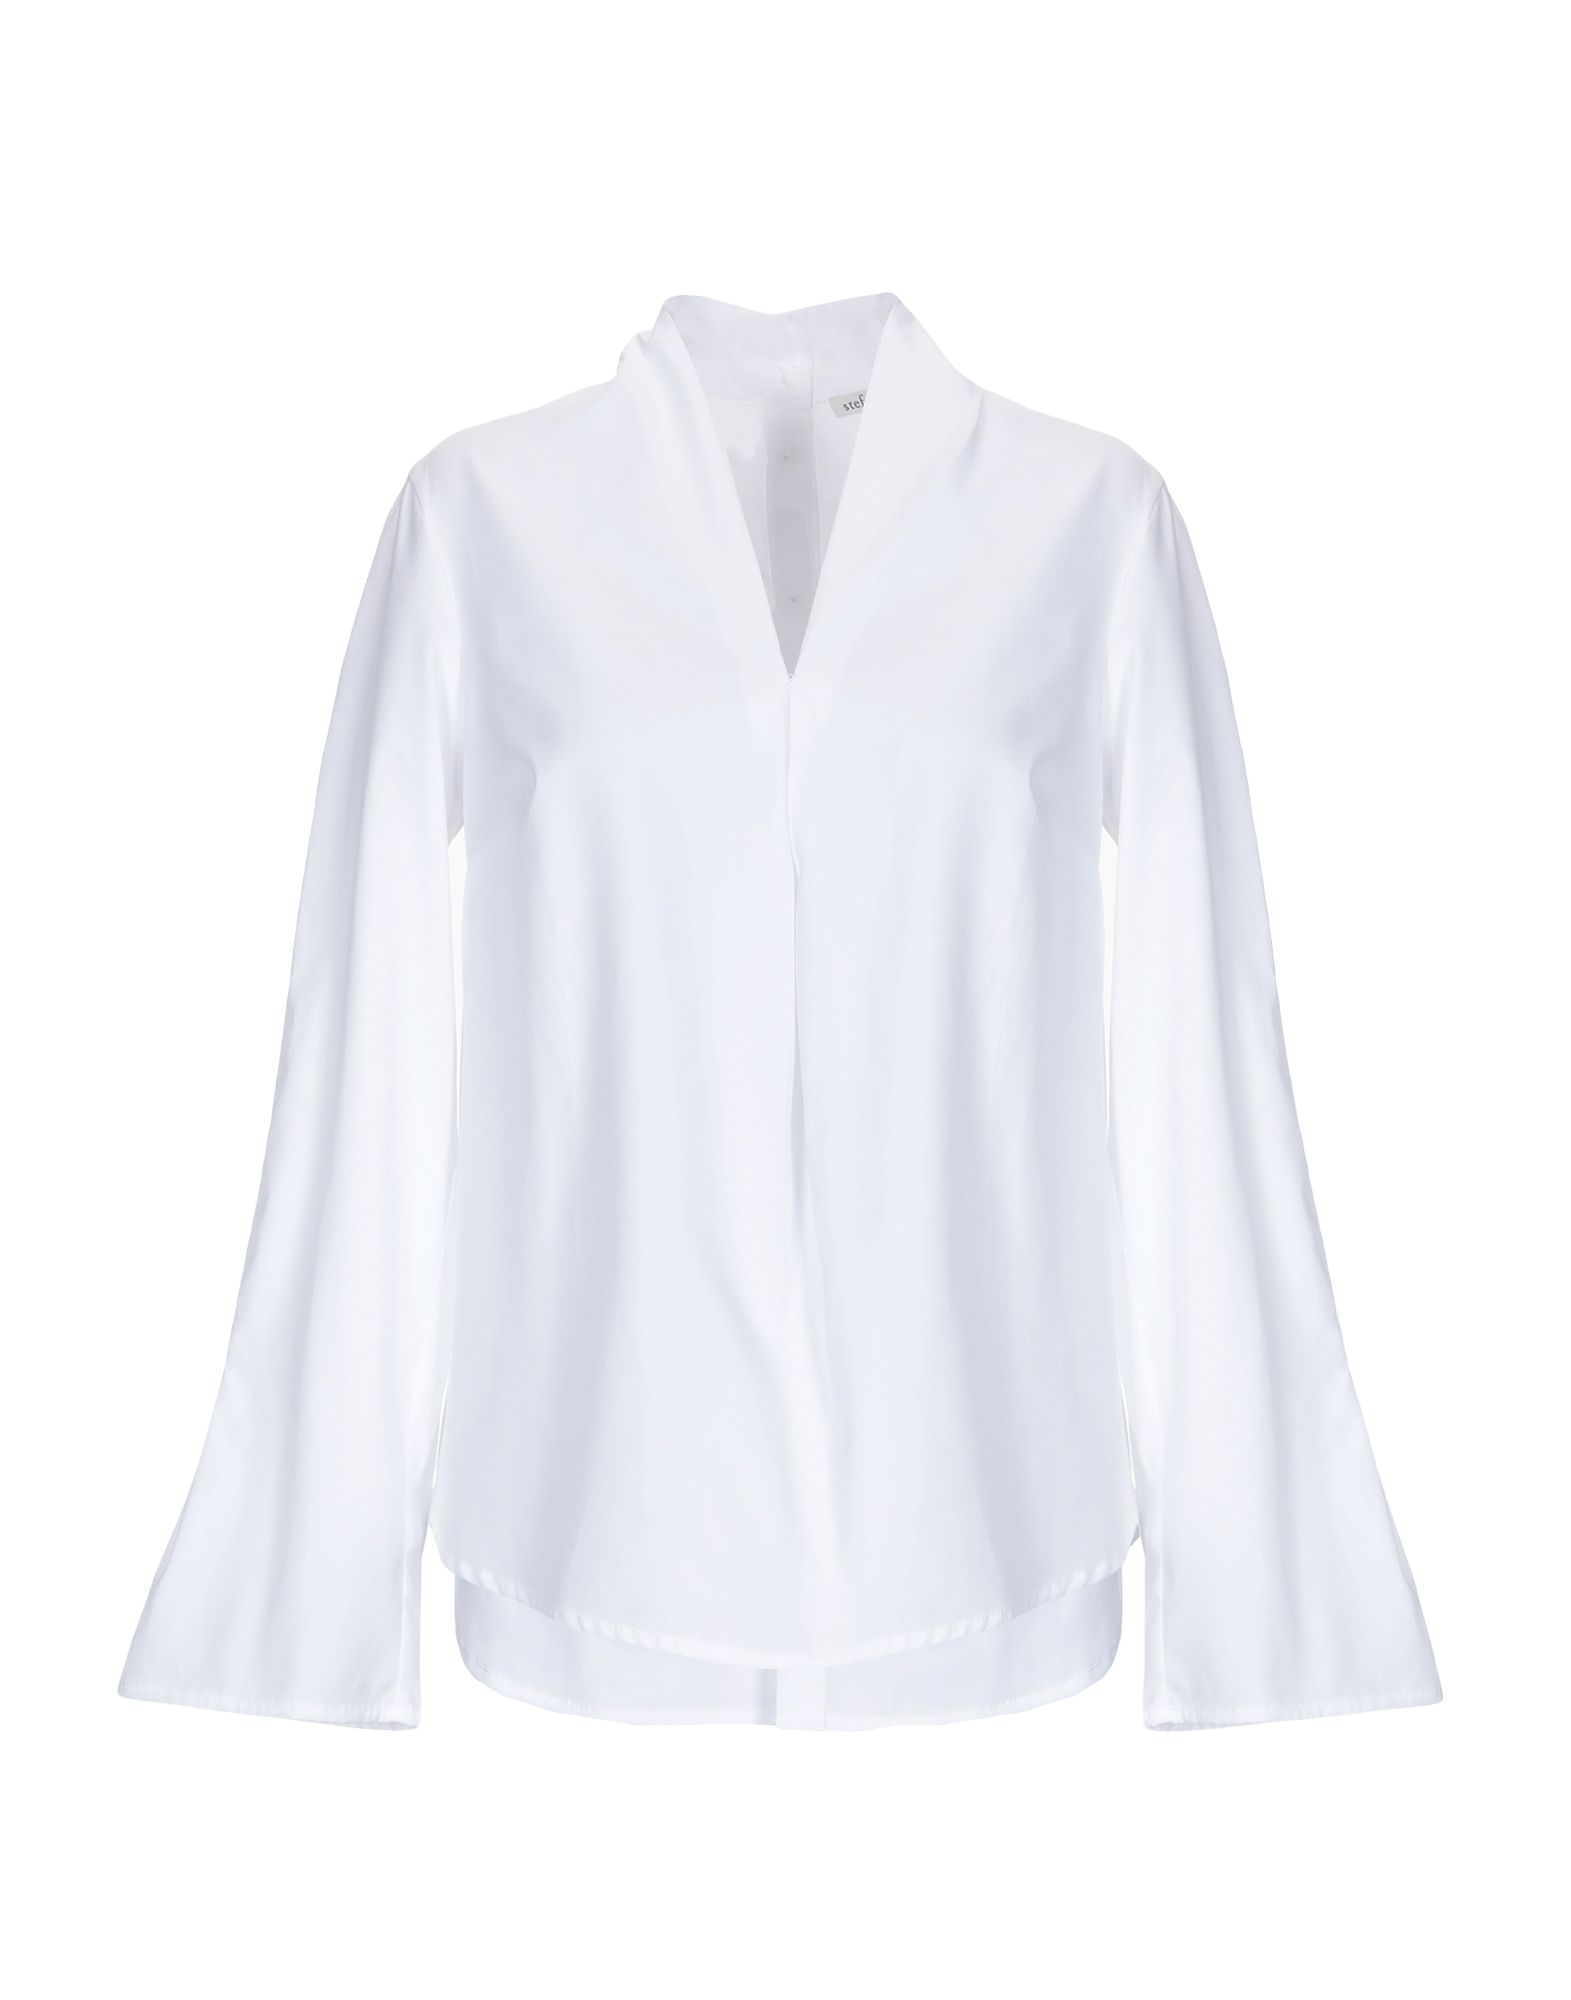 《送料無料》STEFANO MORTARI レディース シャツ ホワイト 42 コットン 100%